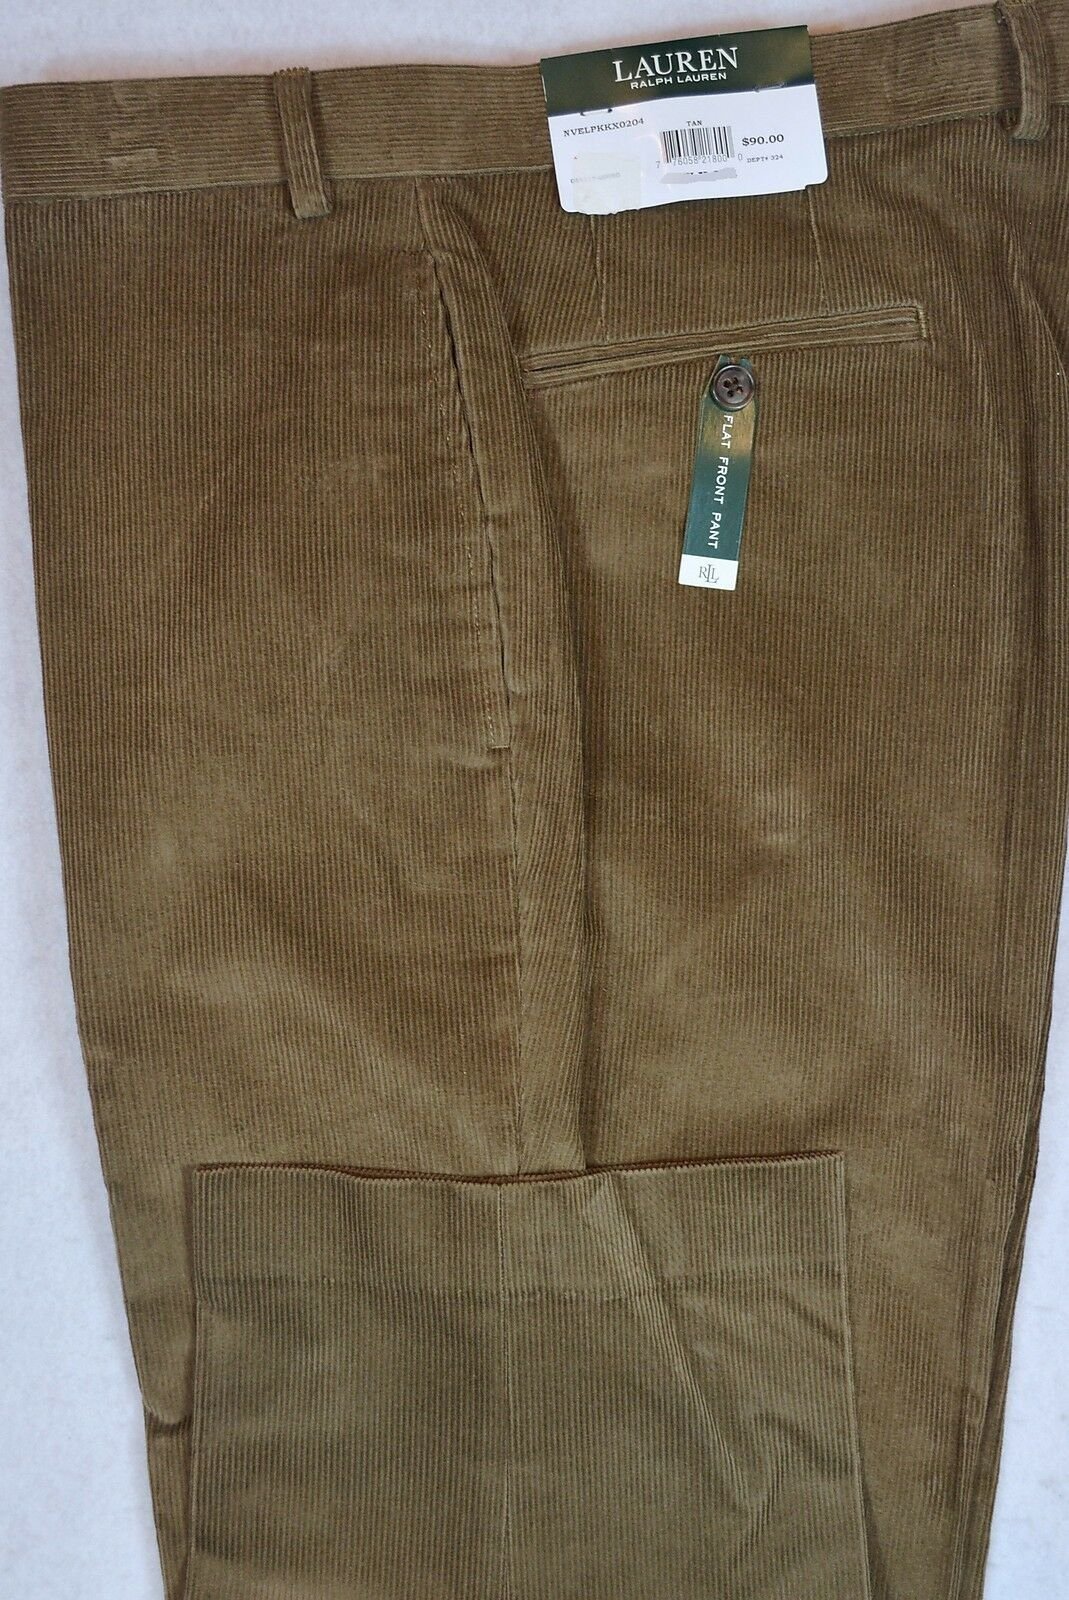 LAUREN Ralph Lauren Corduroy Flat Front Tan Dress Cords Pants 38 32 NWT